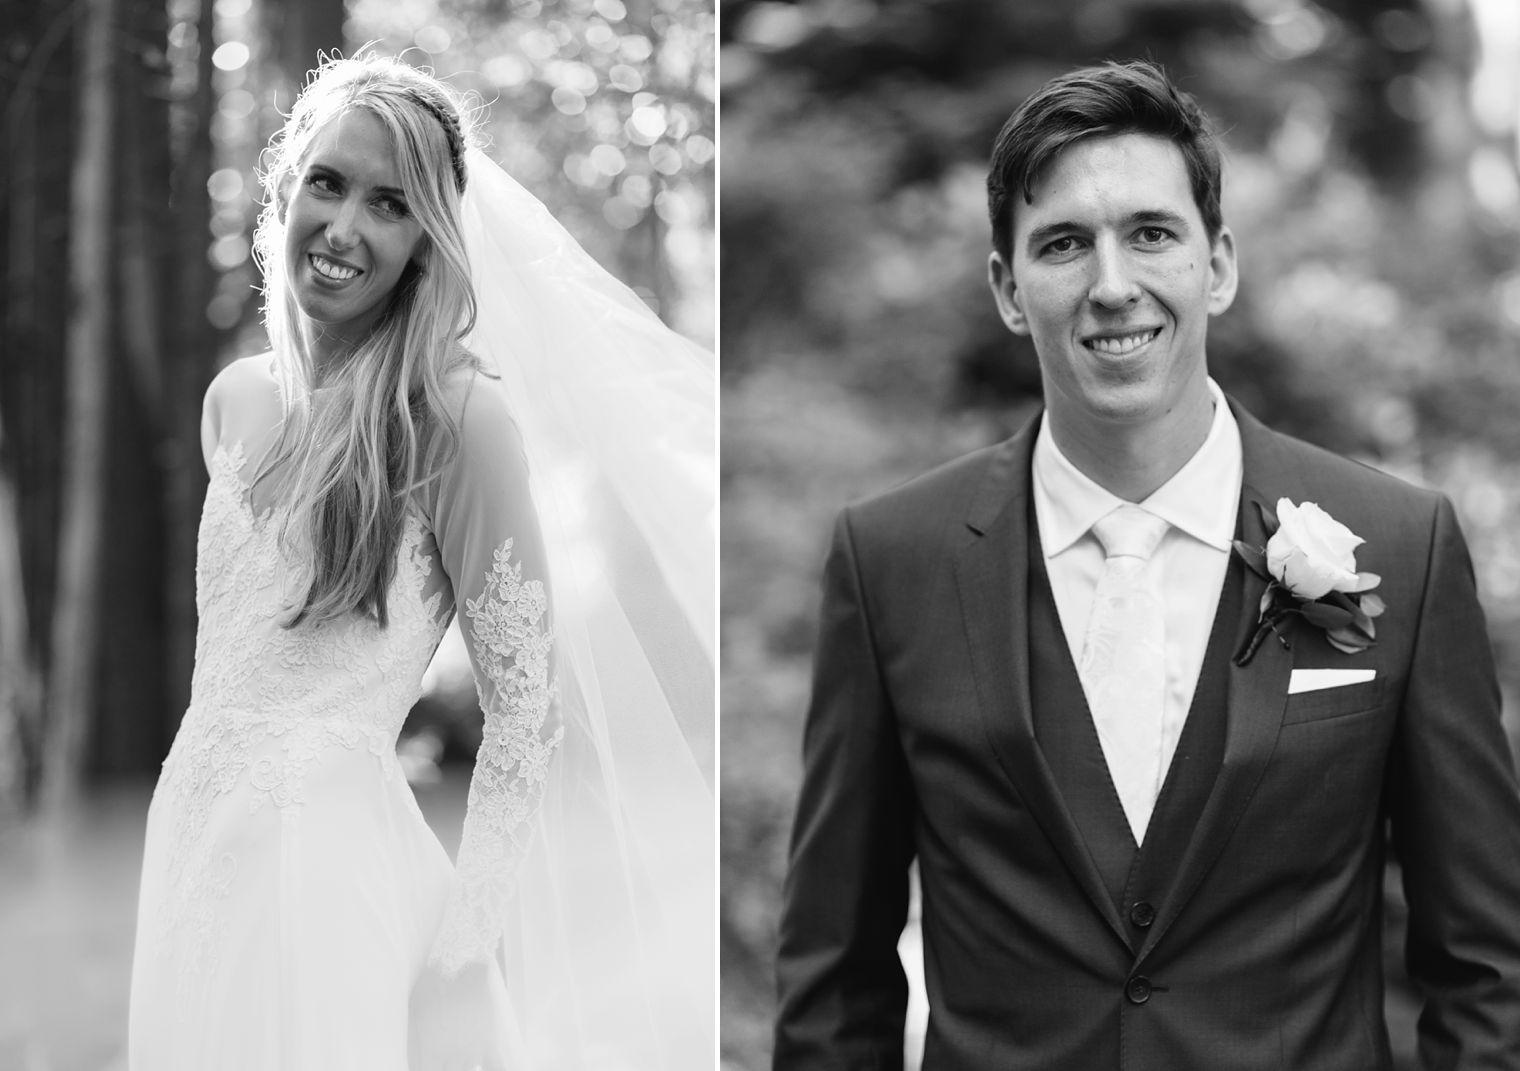 best bride and groom wedding portrait